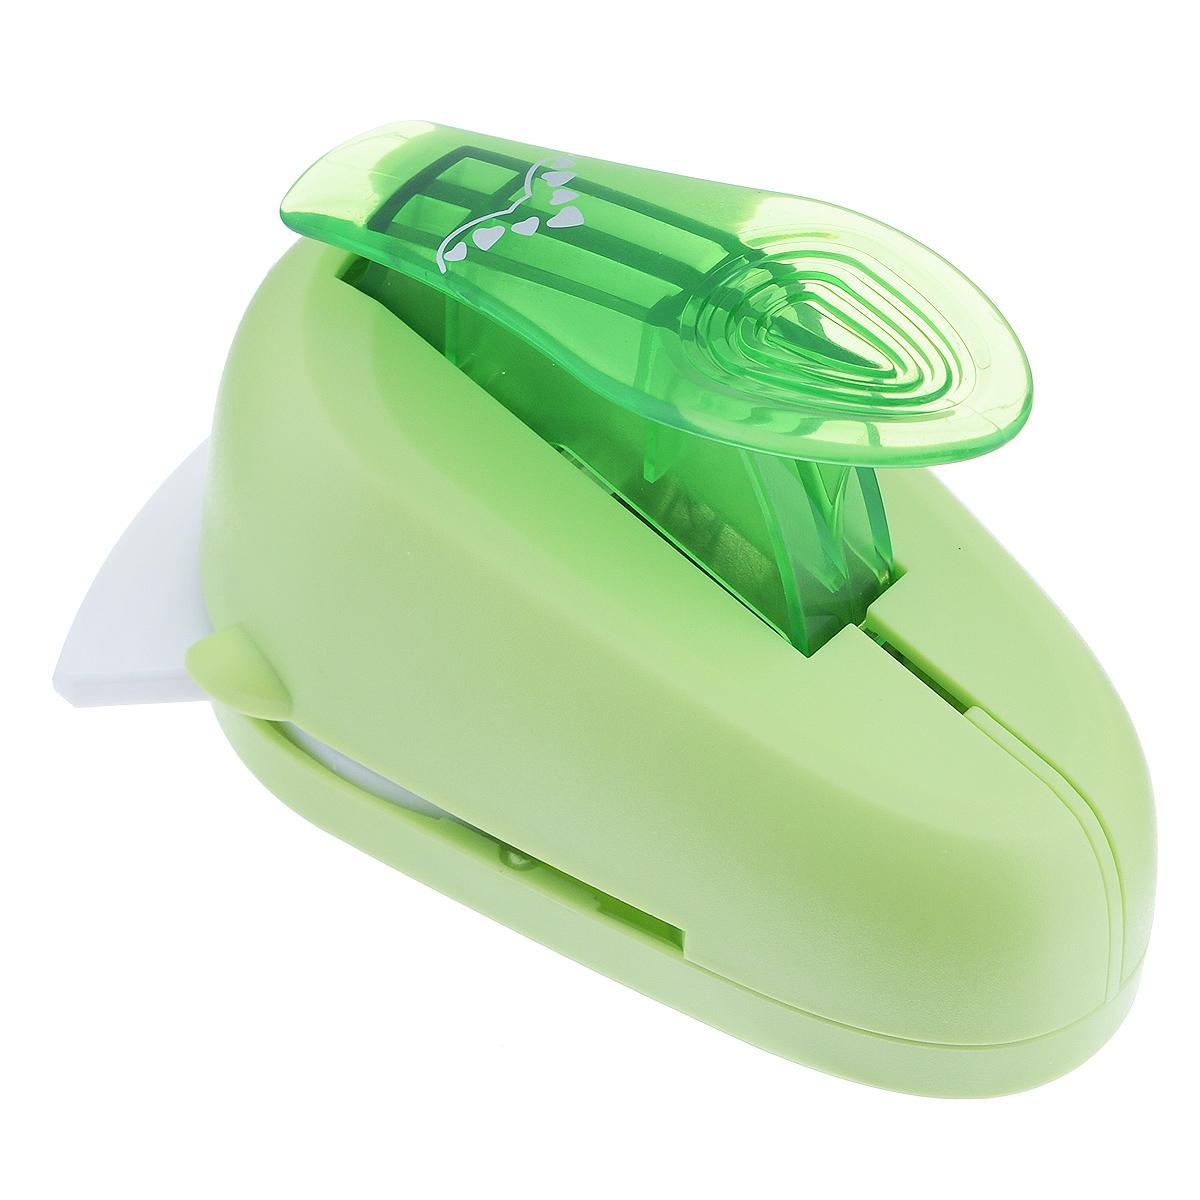 Дырокол фигурный Астра Семь сердец, угловой. CD-99MC7709610_57Дырокол Астра Семь сердец поможет вам легко, просто и аккуратно вырезать много одинаковых мелких фигурок.Режущие части компостера закрыты пластмассовым корпусом, что обеспечивает безопасность для детей. Вырезанные фигурки накапливаются в специальном резервуаре. Можно использовать вырезанные мотивы как конфетти или для наклеивания. Угловой дырокол подходит для разных техник: декупажа, скрапбукинга, декорирования.Размер дырокола: 10 см х 7 см х 7 см. Размер готовой фигурки: 2,5 см х 1,5 см.